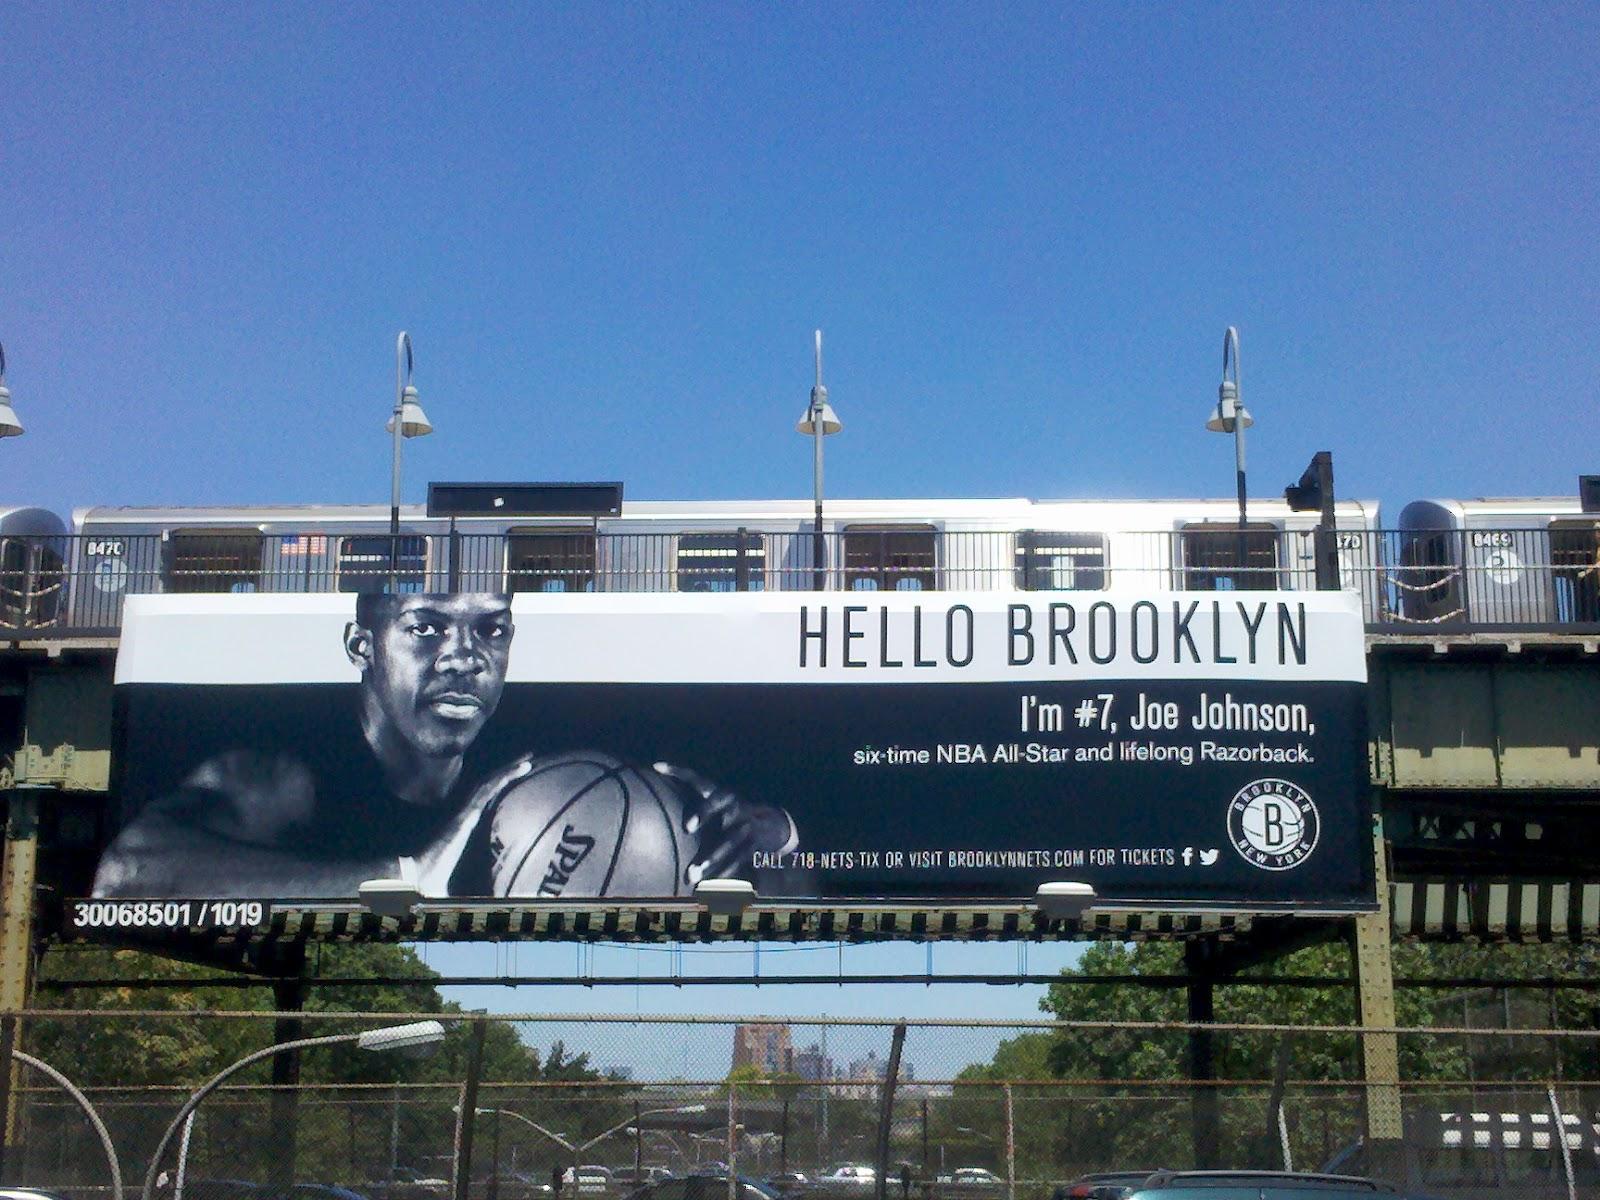 BKN Nets Rivalry Versus Knicks Finally Has A Home In Brooklyn